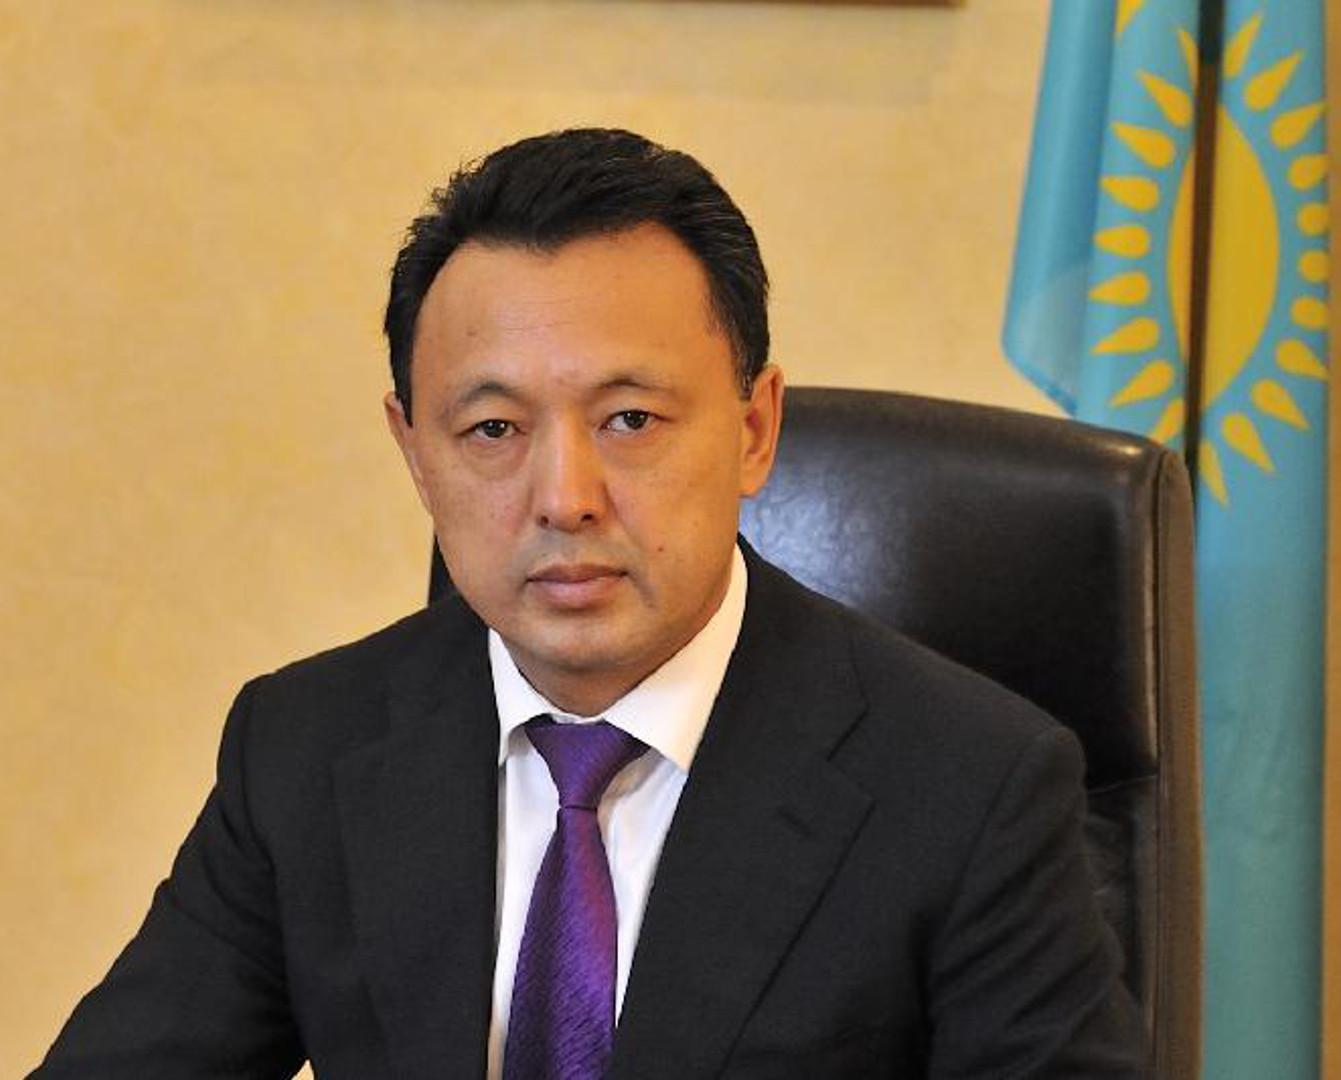 前哈油气公司总裁孟巴耶夫改任哈铁公司总裁